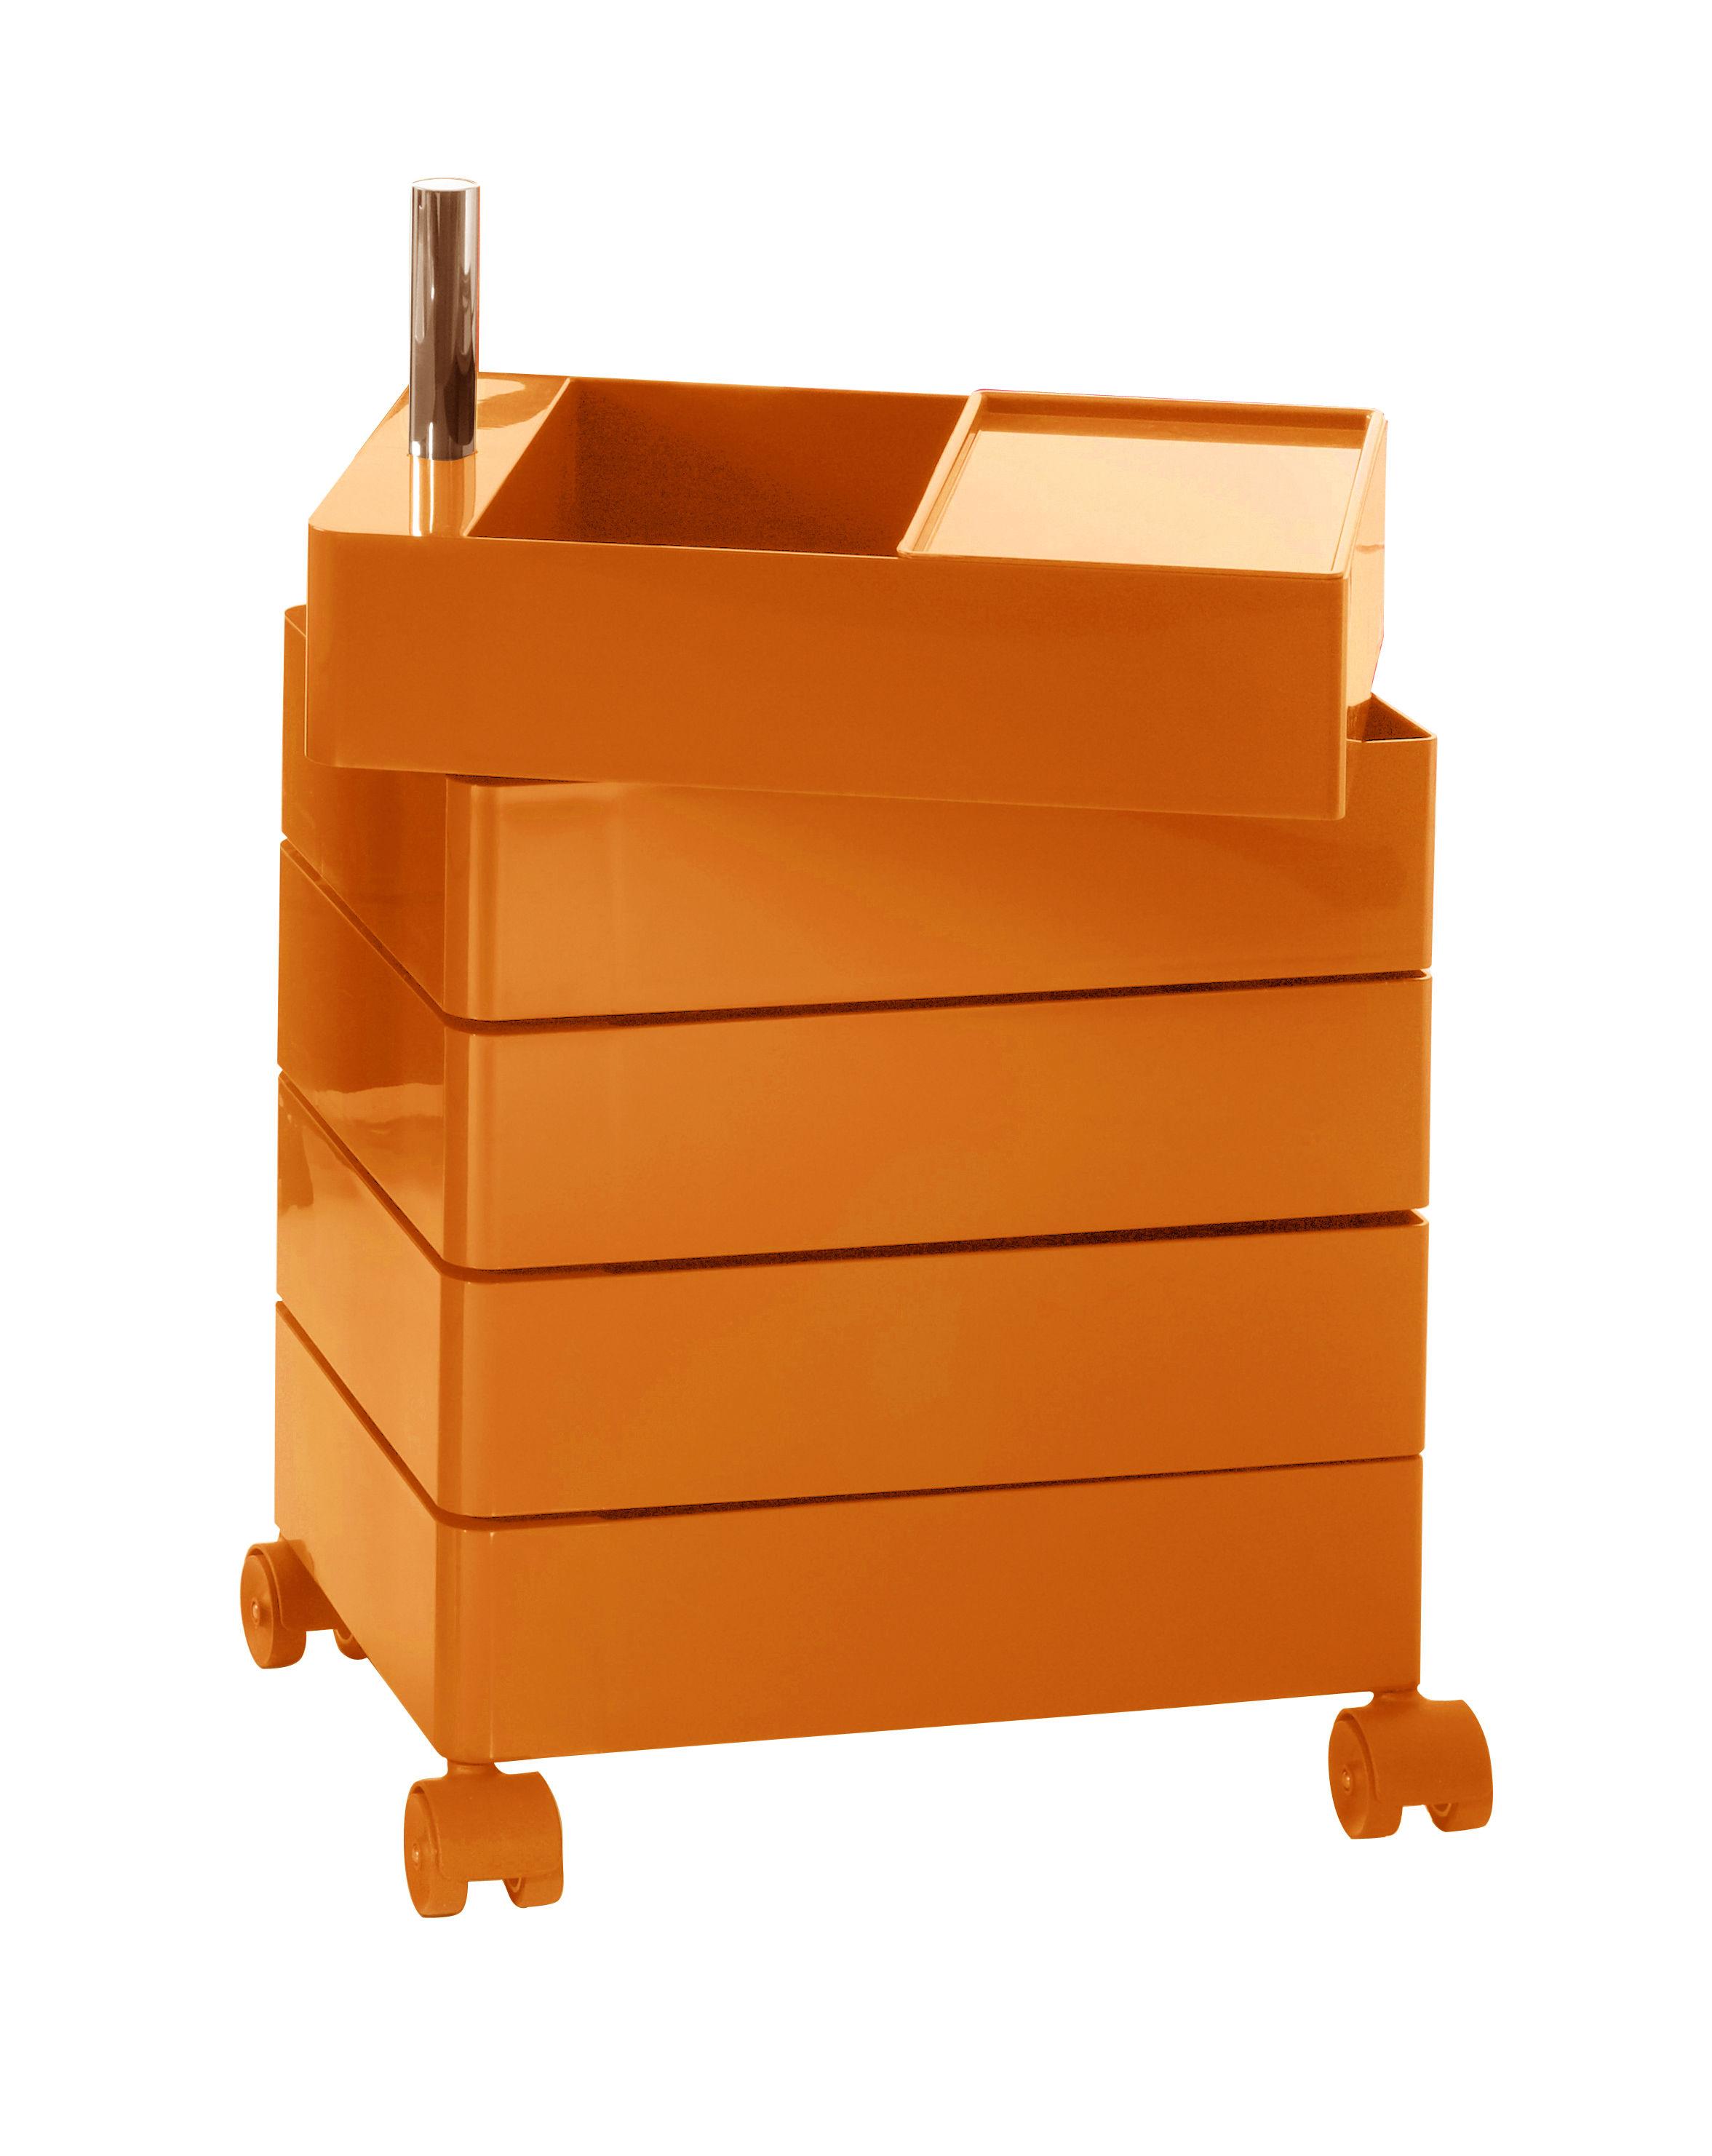 Arredamento - Mobili Ados  - Cassettiera con rotelle 360° - 5 cassetti di Magis - Arancione lucido - ABS laccato, Alluminio